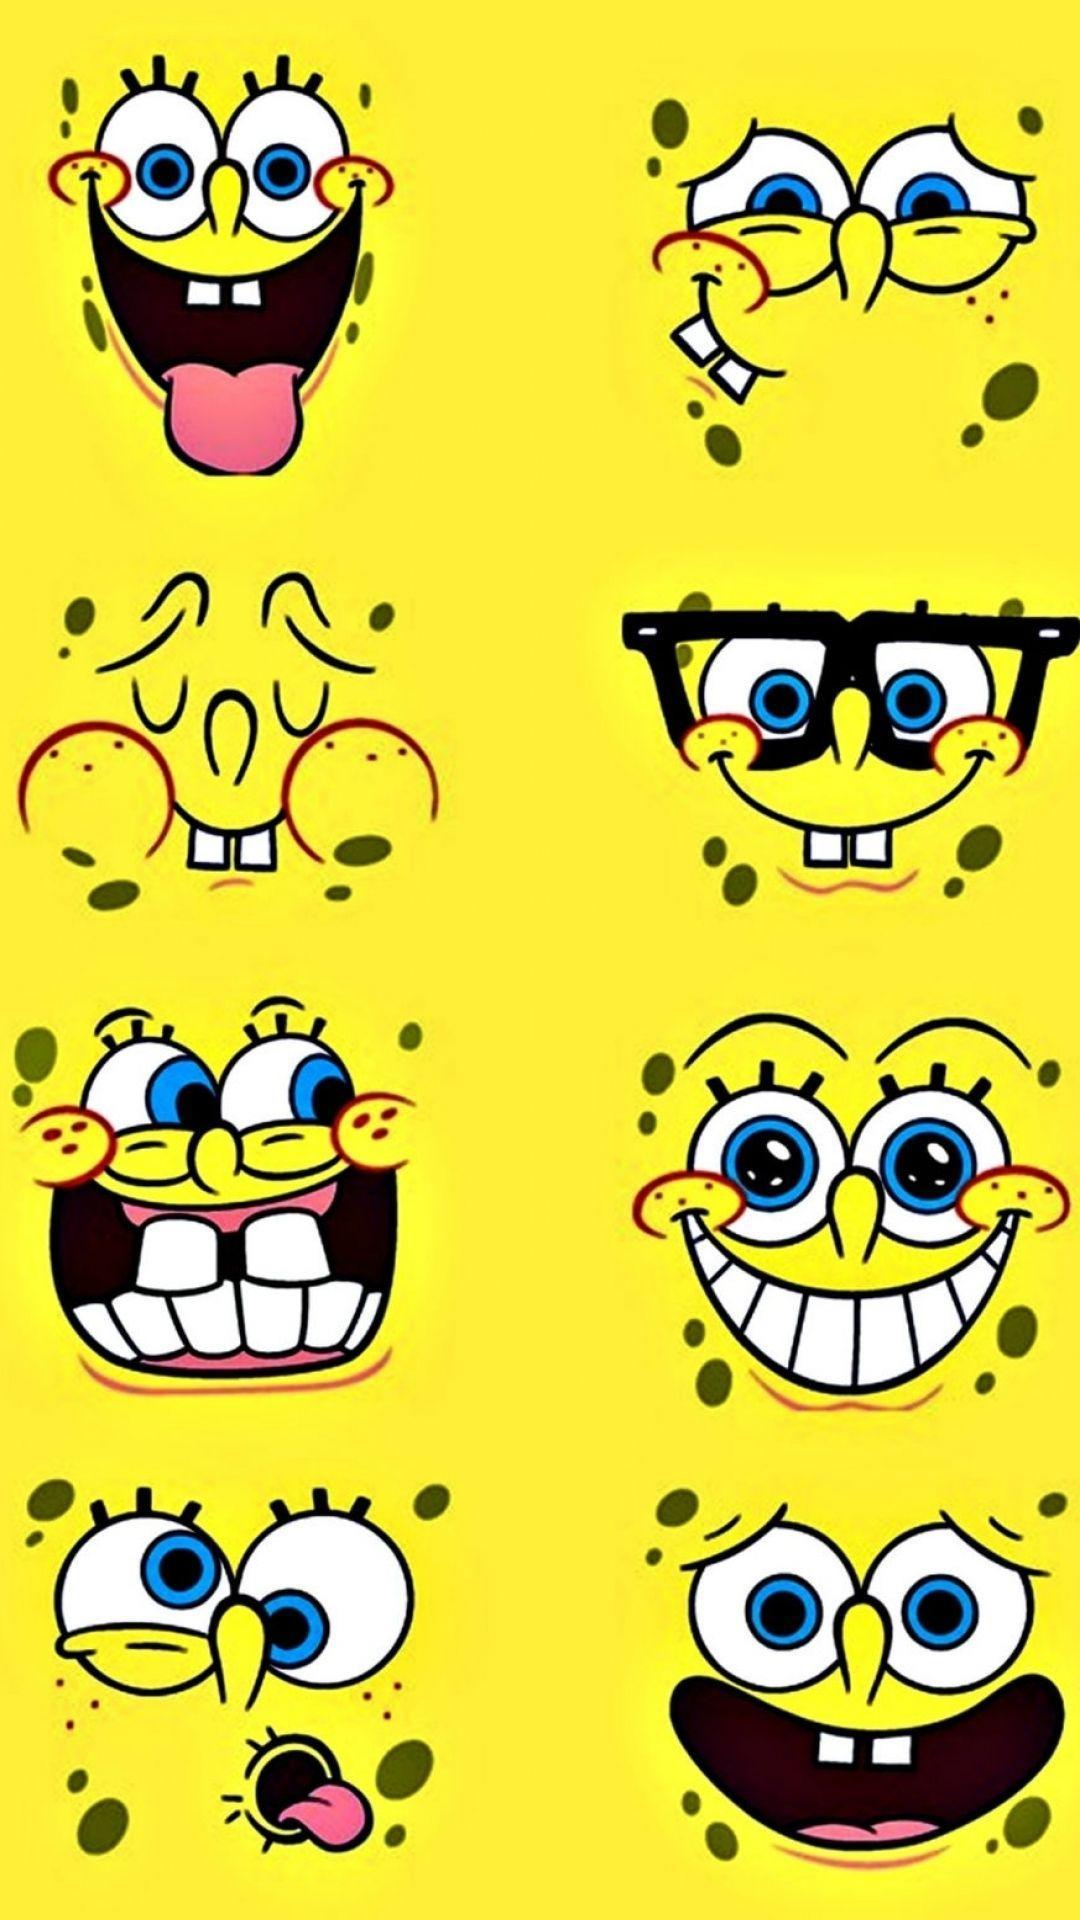 Spongebob Iphone Wallpapers Top Free Spongebob Iphone Backgrounds Wallpaperaccess